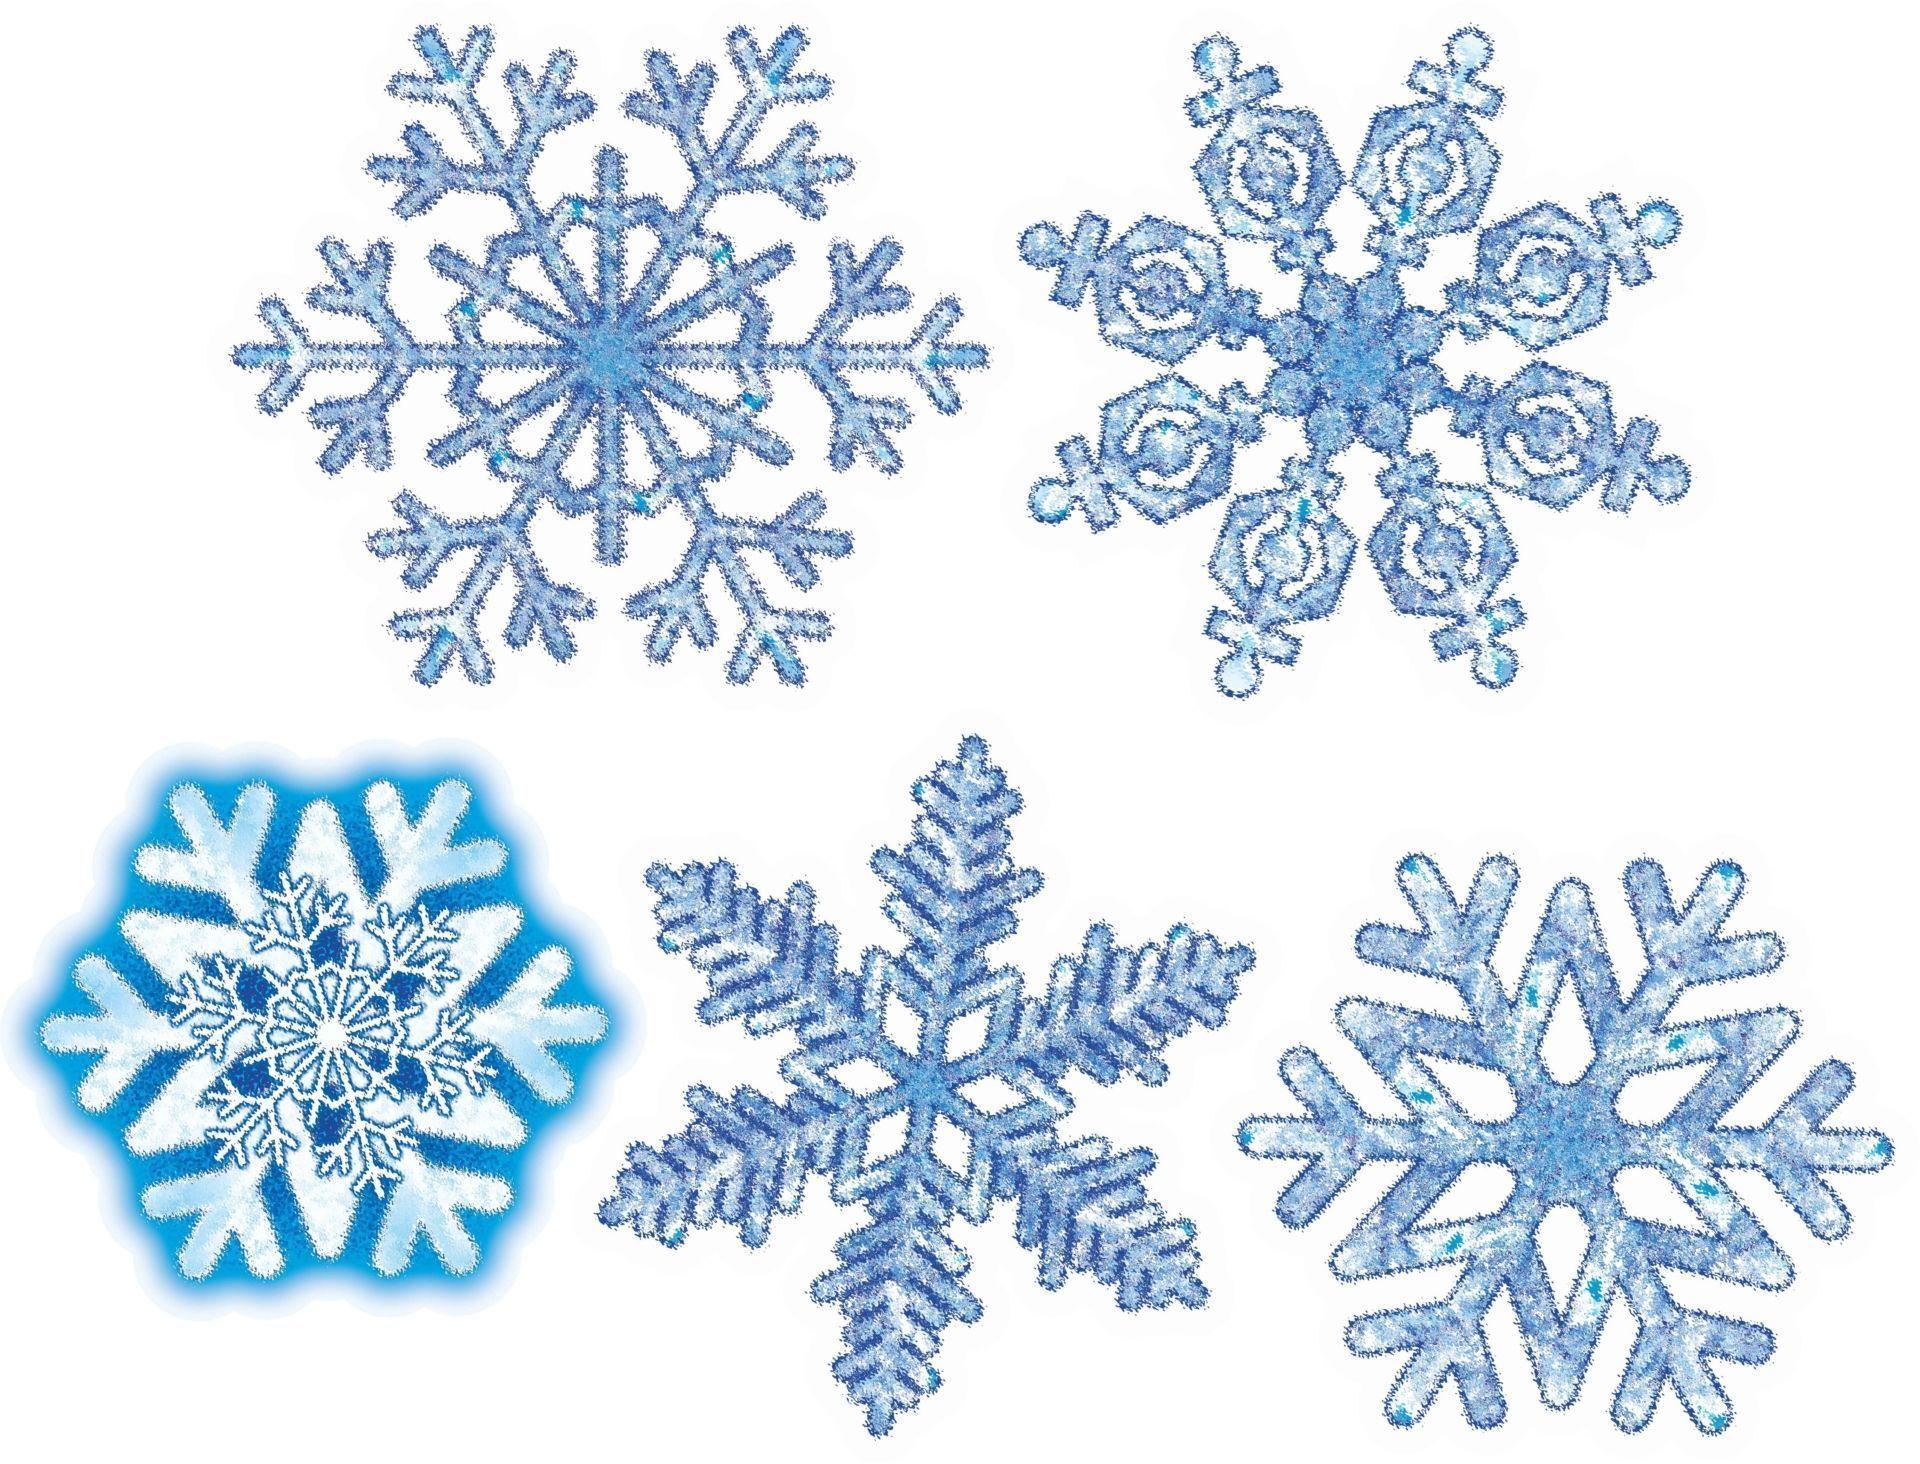 Комплект вырубных оформительских фигур СнежинкиТовары для оформления и проведения праздника<br>.<br><br>Год: 2017<br>Серия: Вырубные фигуры для оформления<br>Высота: 245<br>Ширина: 290<br>Переплёт: набор